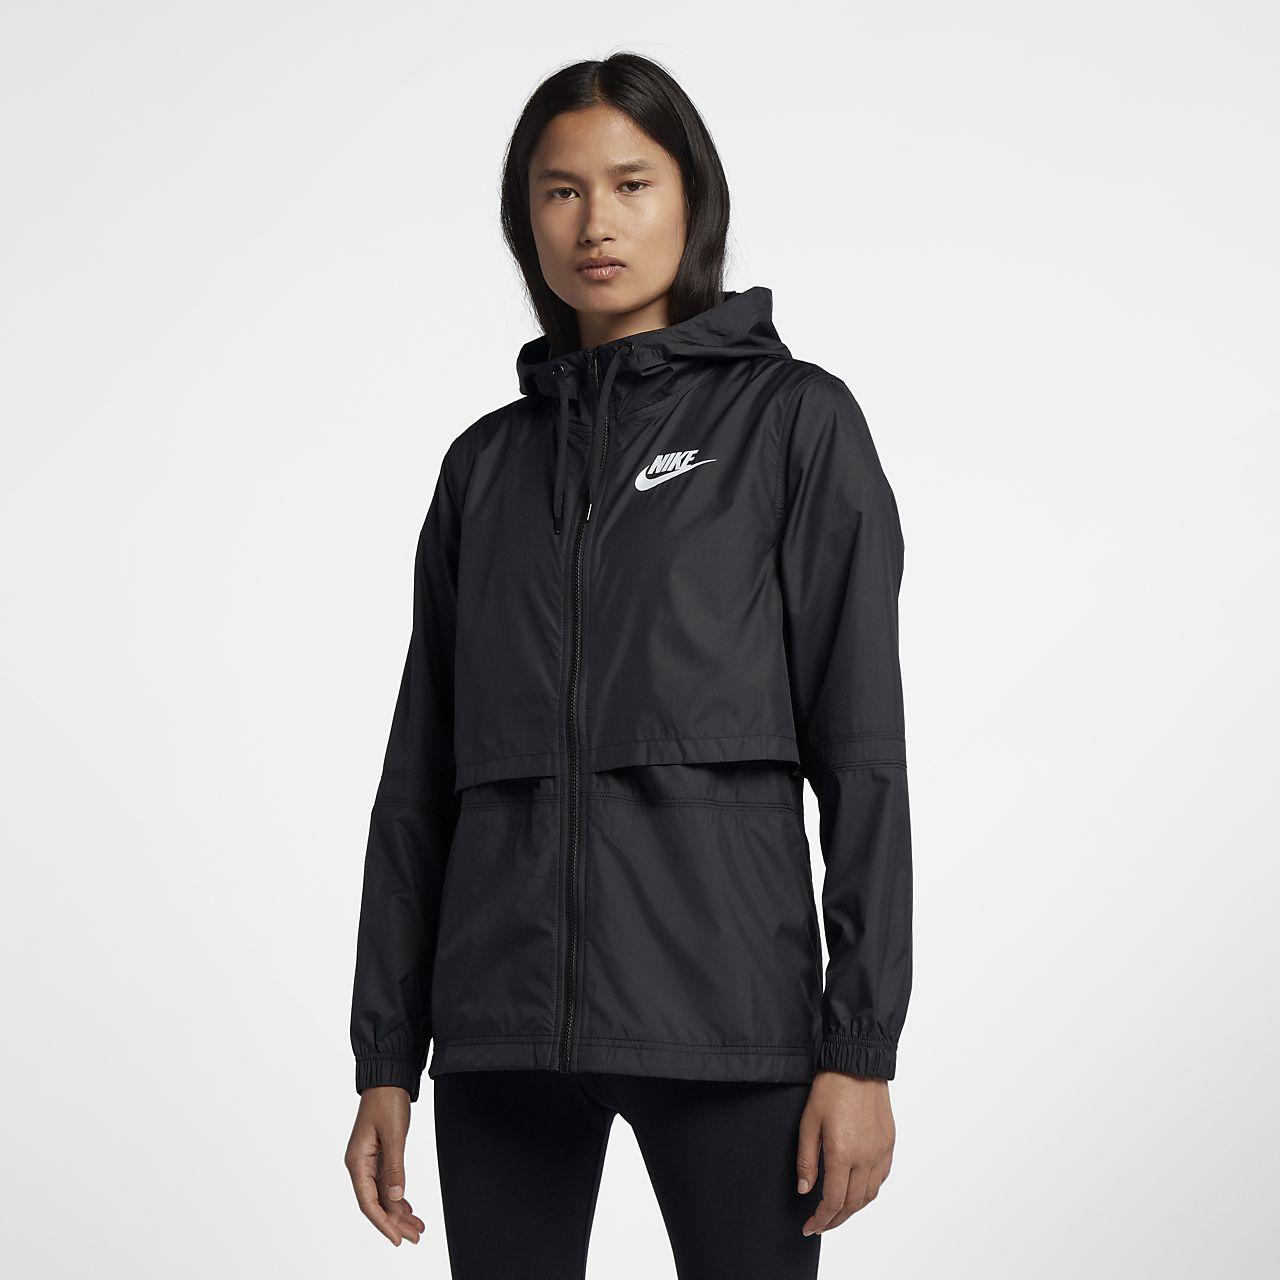 Frauen Nike Jacken | JD Sports